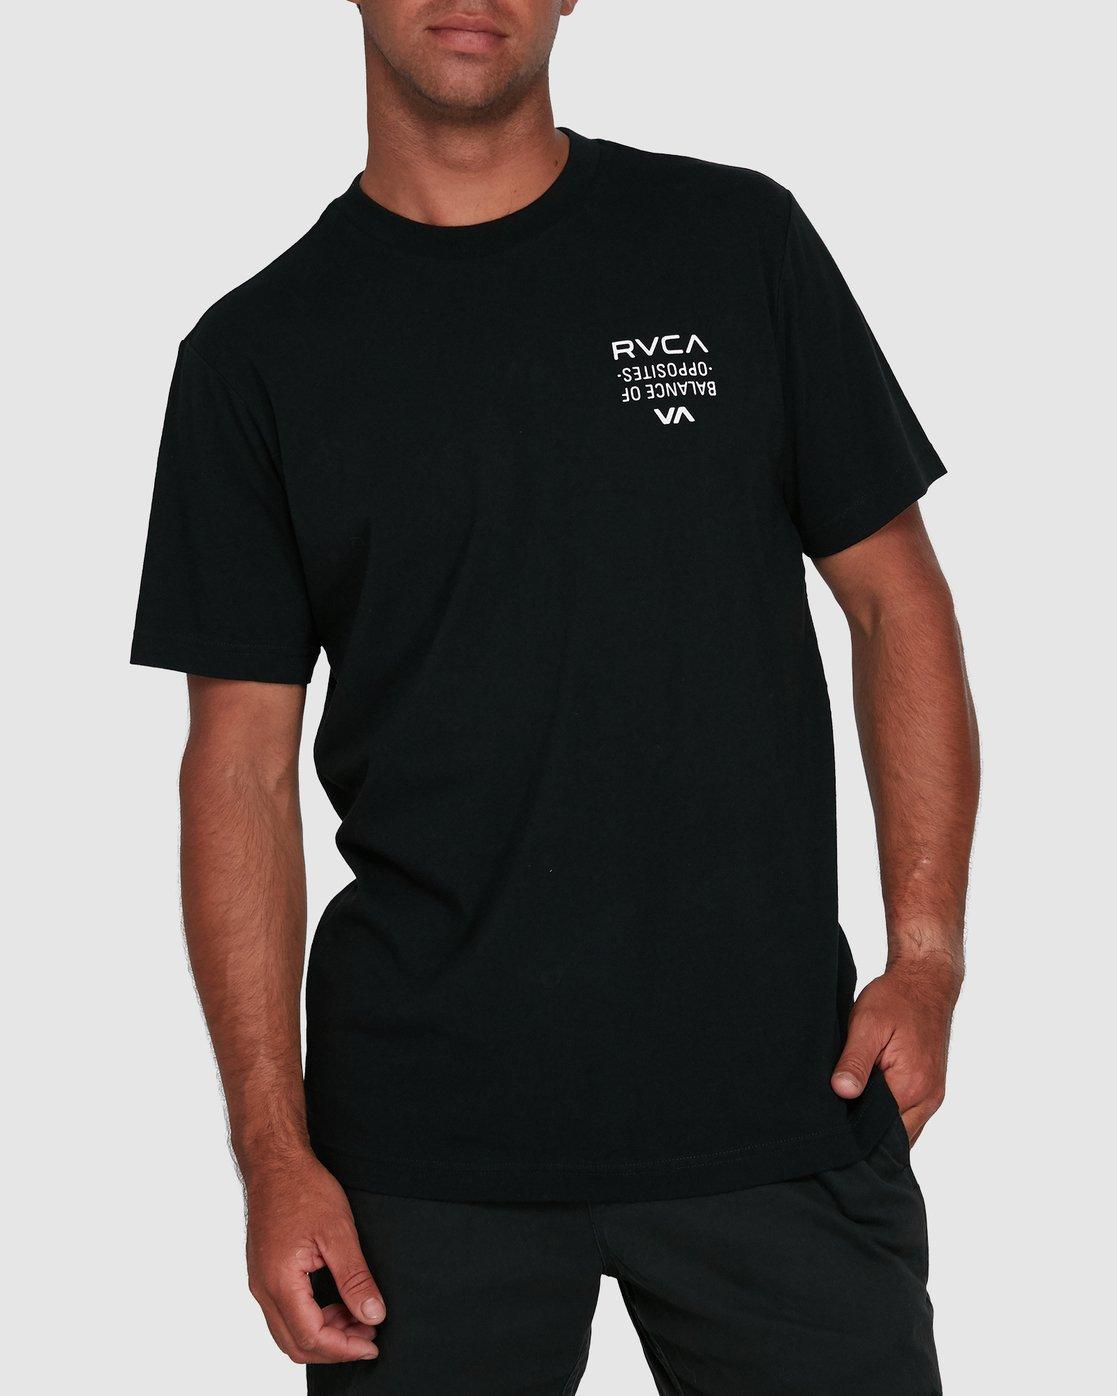 3 RVCA FAIRFAX SHORT SLEEVE TEE Black R105046 RVCA